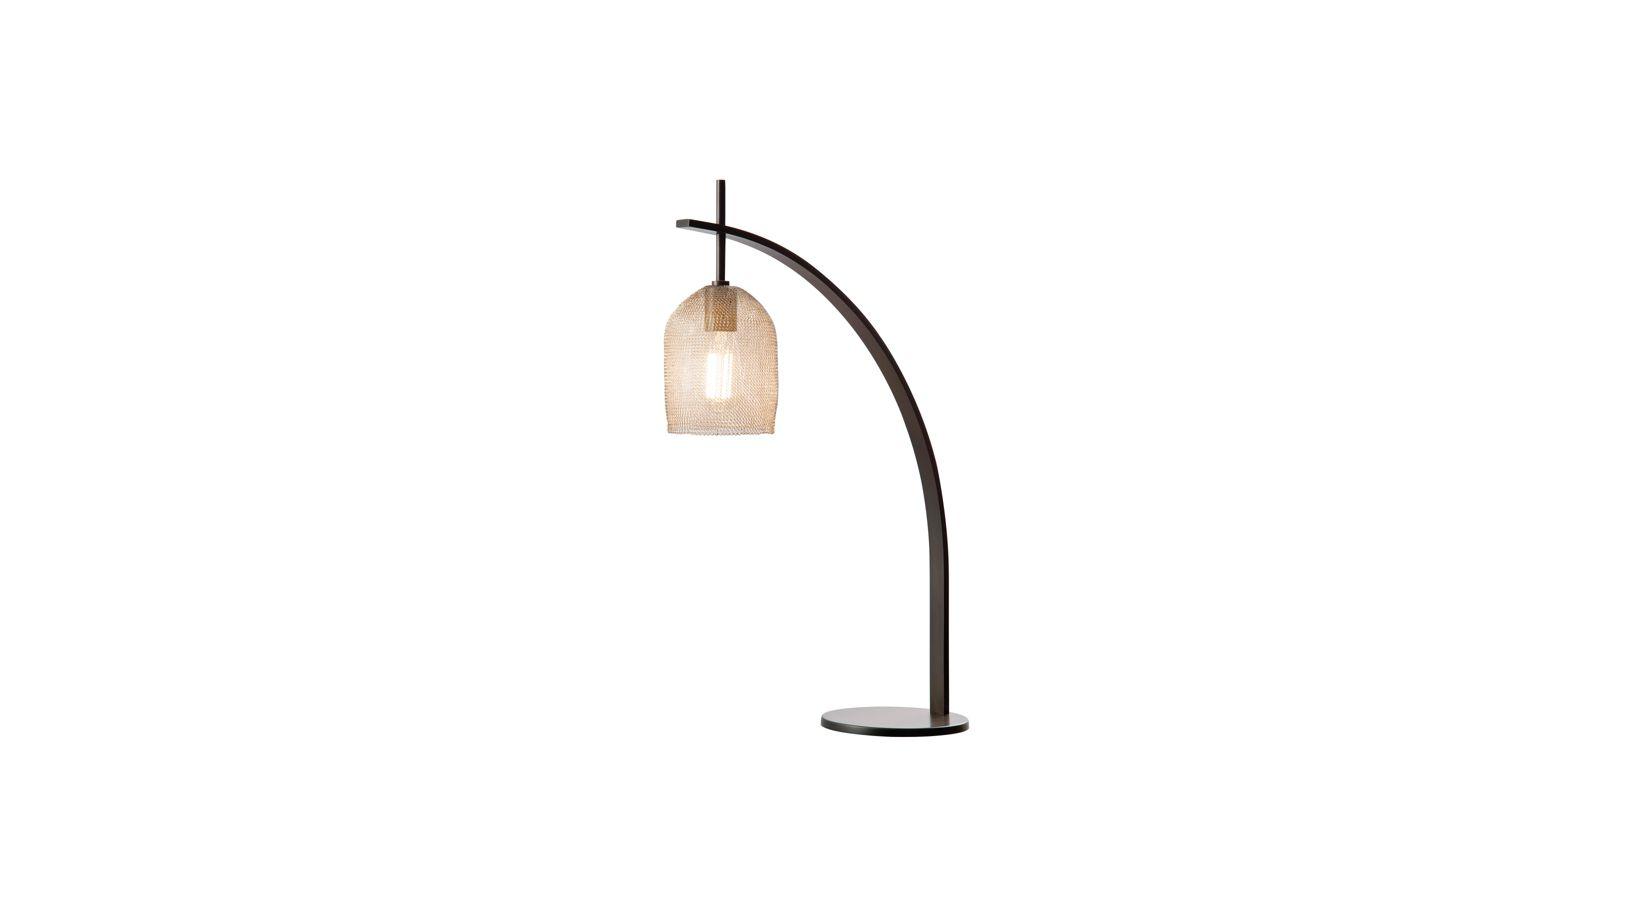 sanur lamp roche bobois. Black Bedroom Furniture Sets. Home Design Ideas